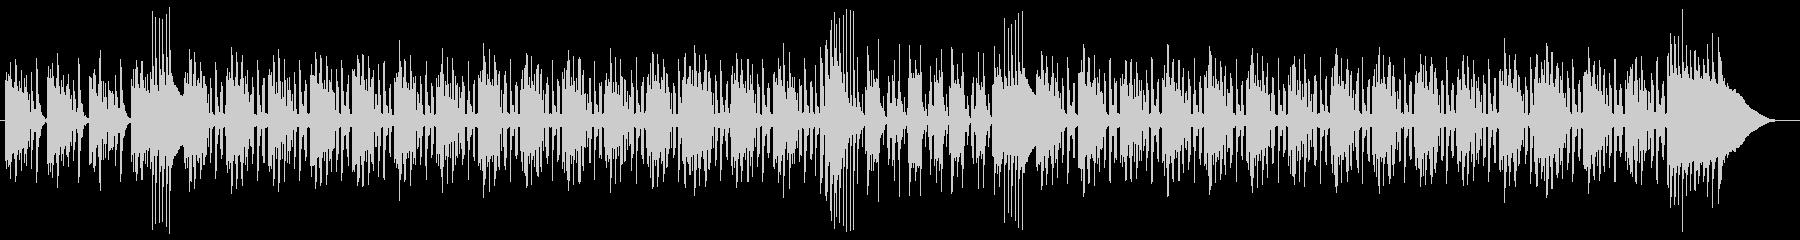 スモーキーな低音ギターの響くダブの曲の未再生の波形